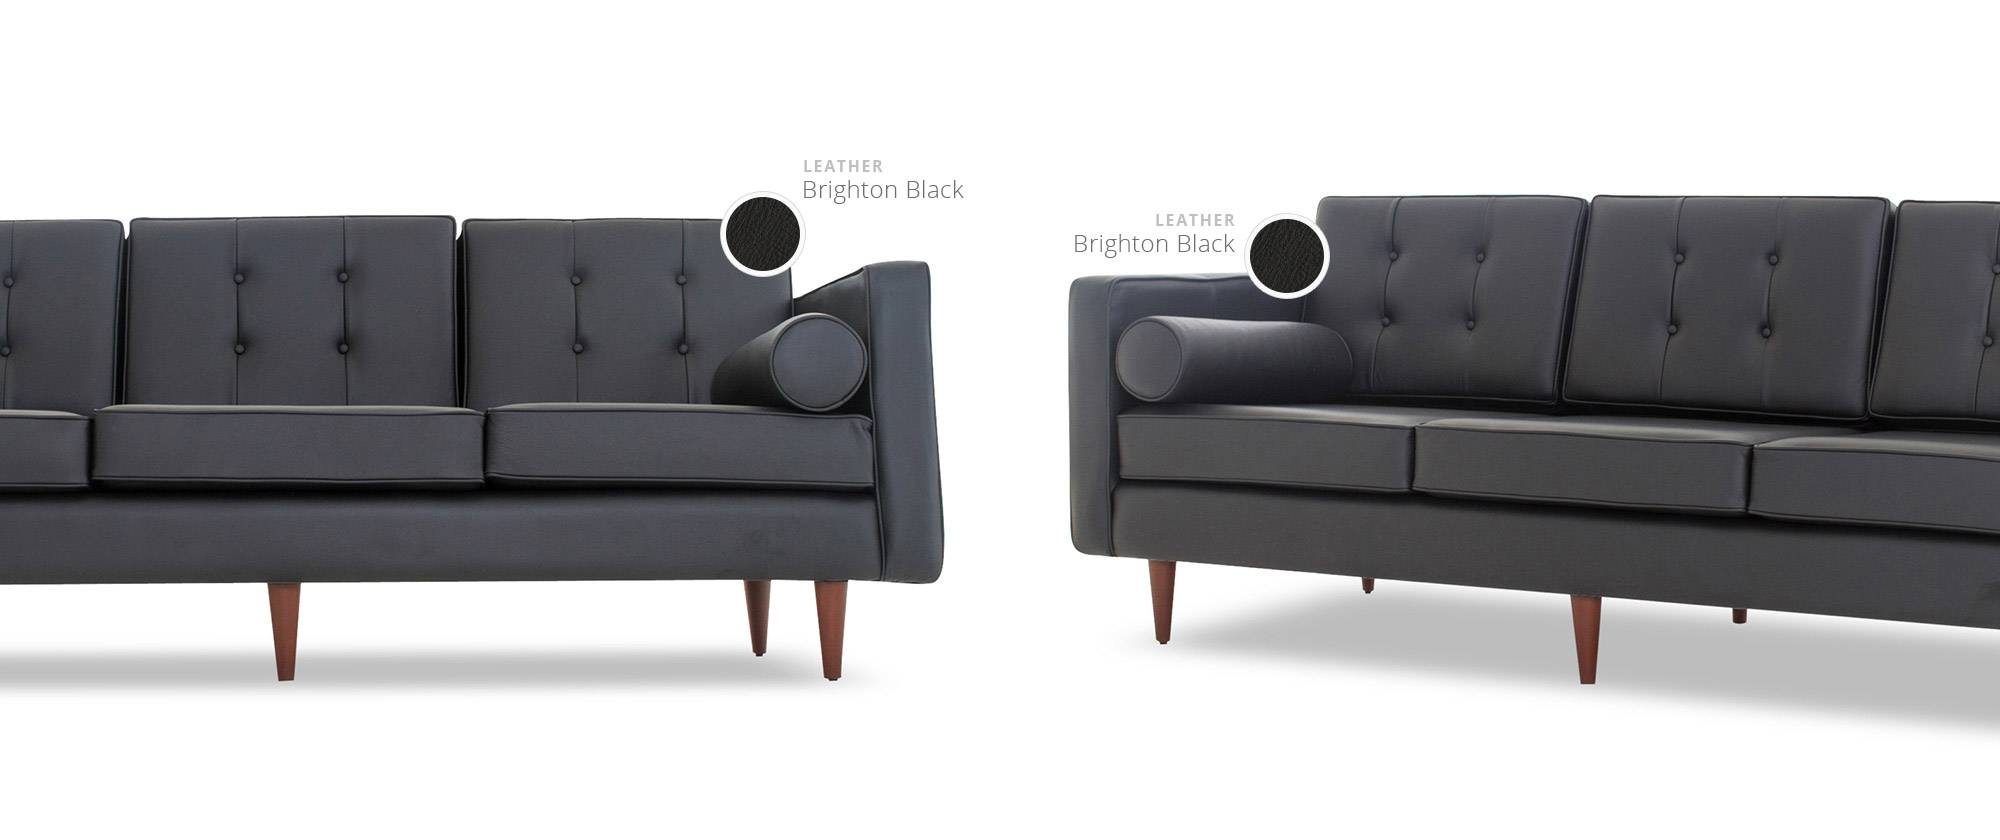 Braxton Leather Sofa | Joybird with regard to Braxton Sofa (Image 8 of 30)